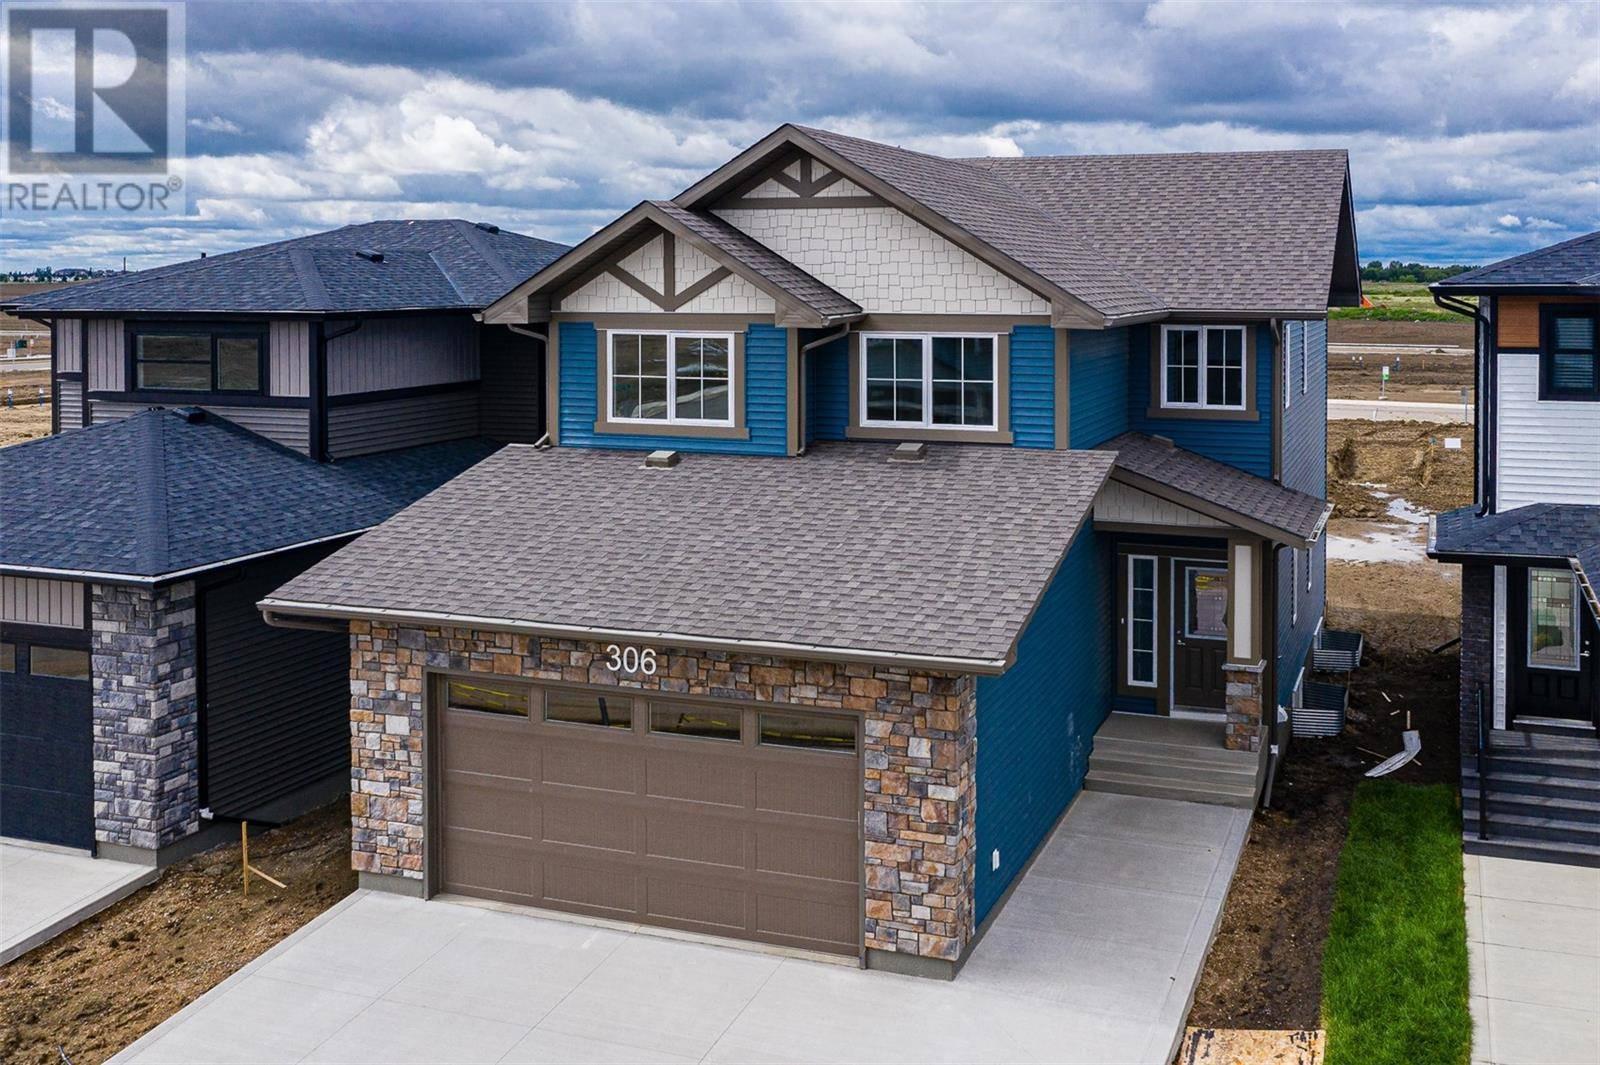 House for sale at 306 Germain Mnr  Saskatoon Saskatchewan - MLS: SK788510